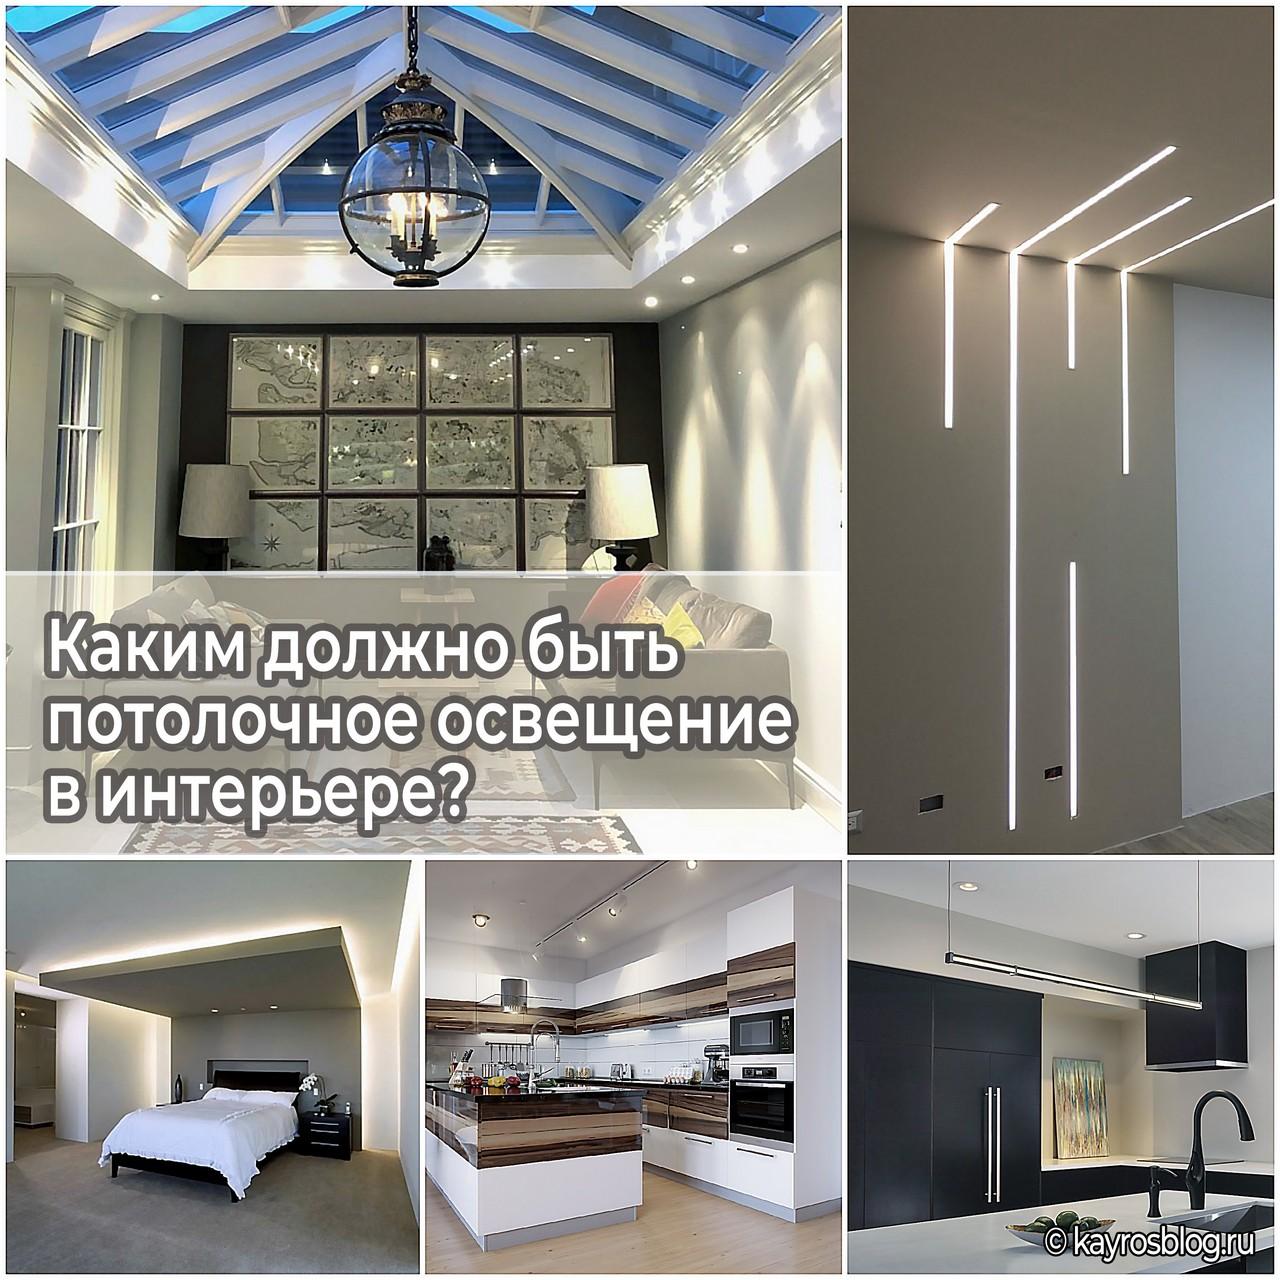 Каким должно быть потолочное освещение в интерьере